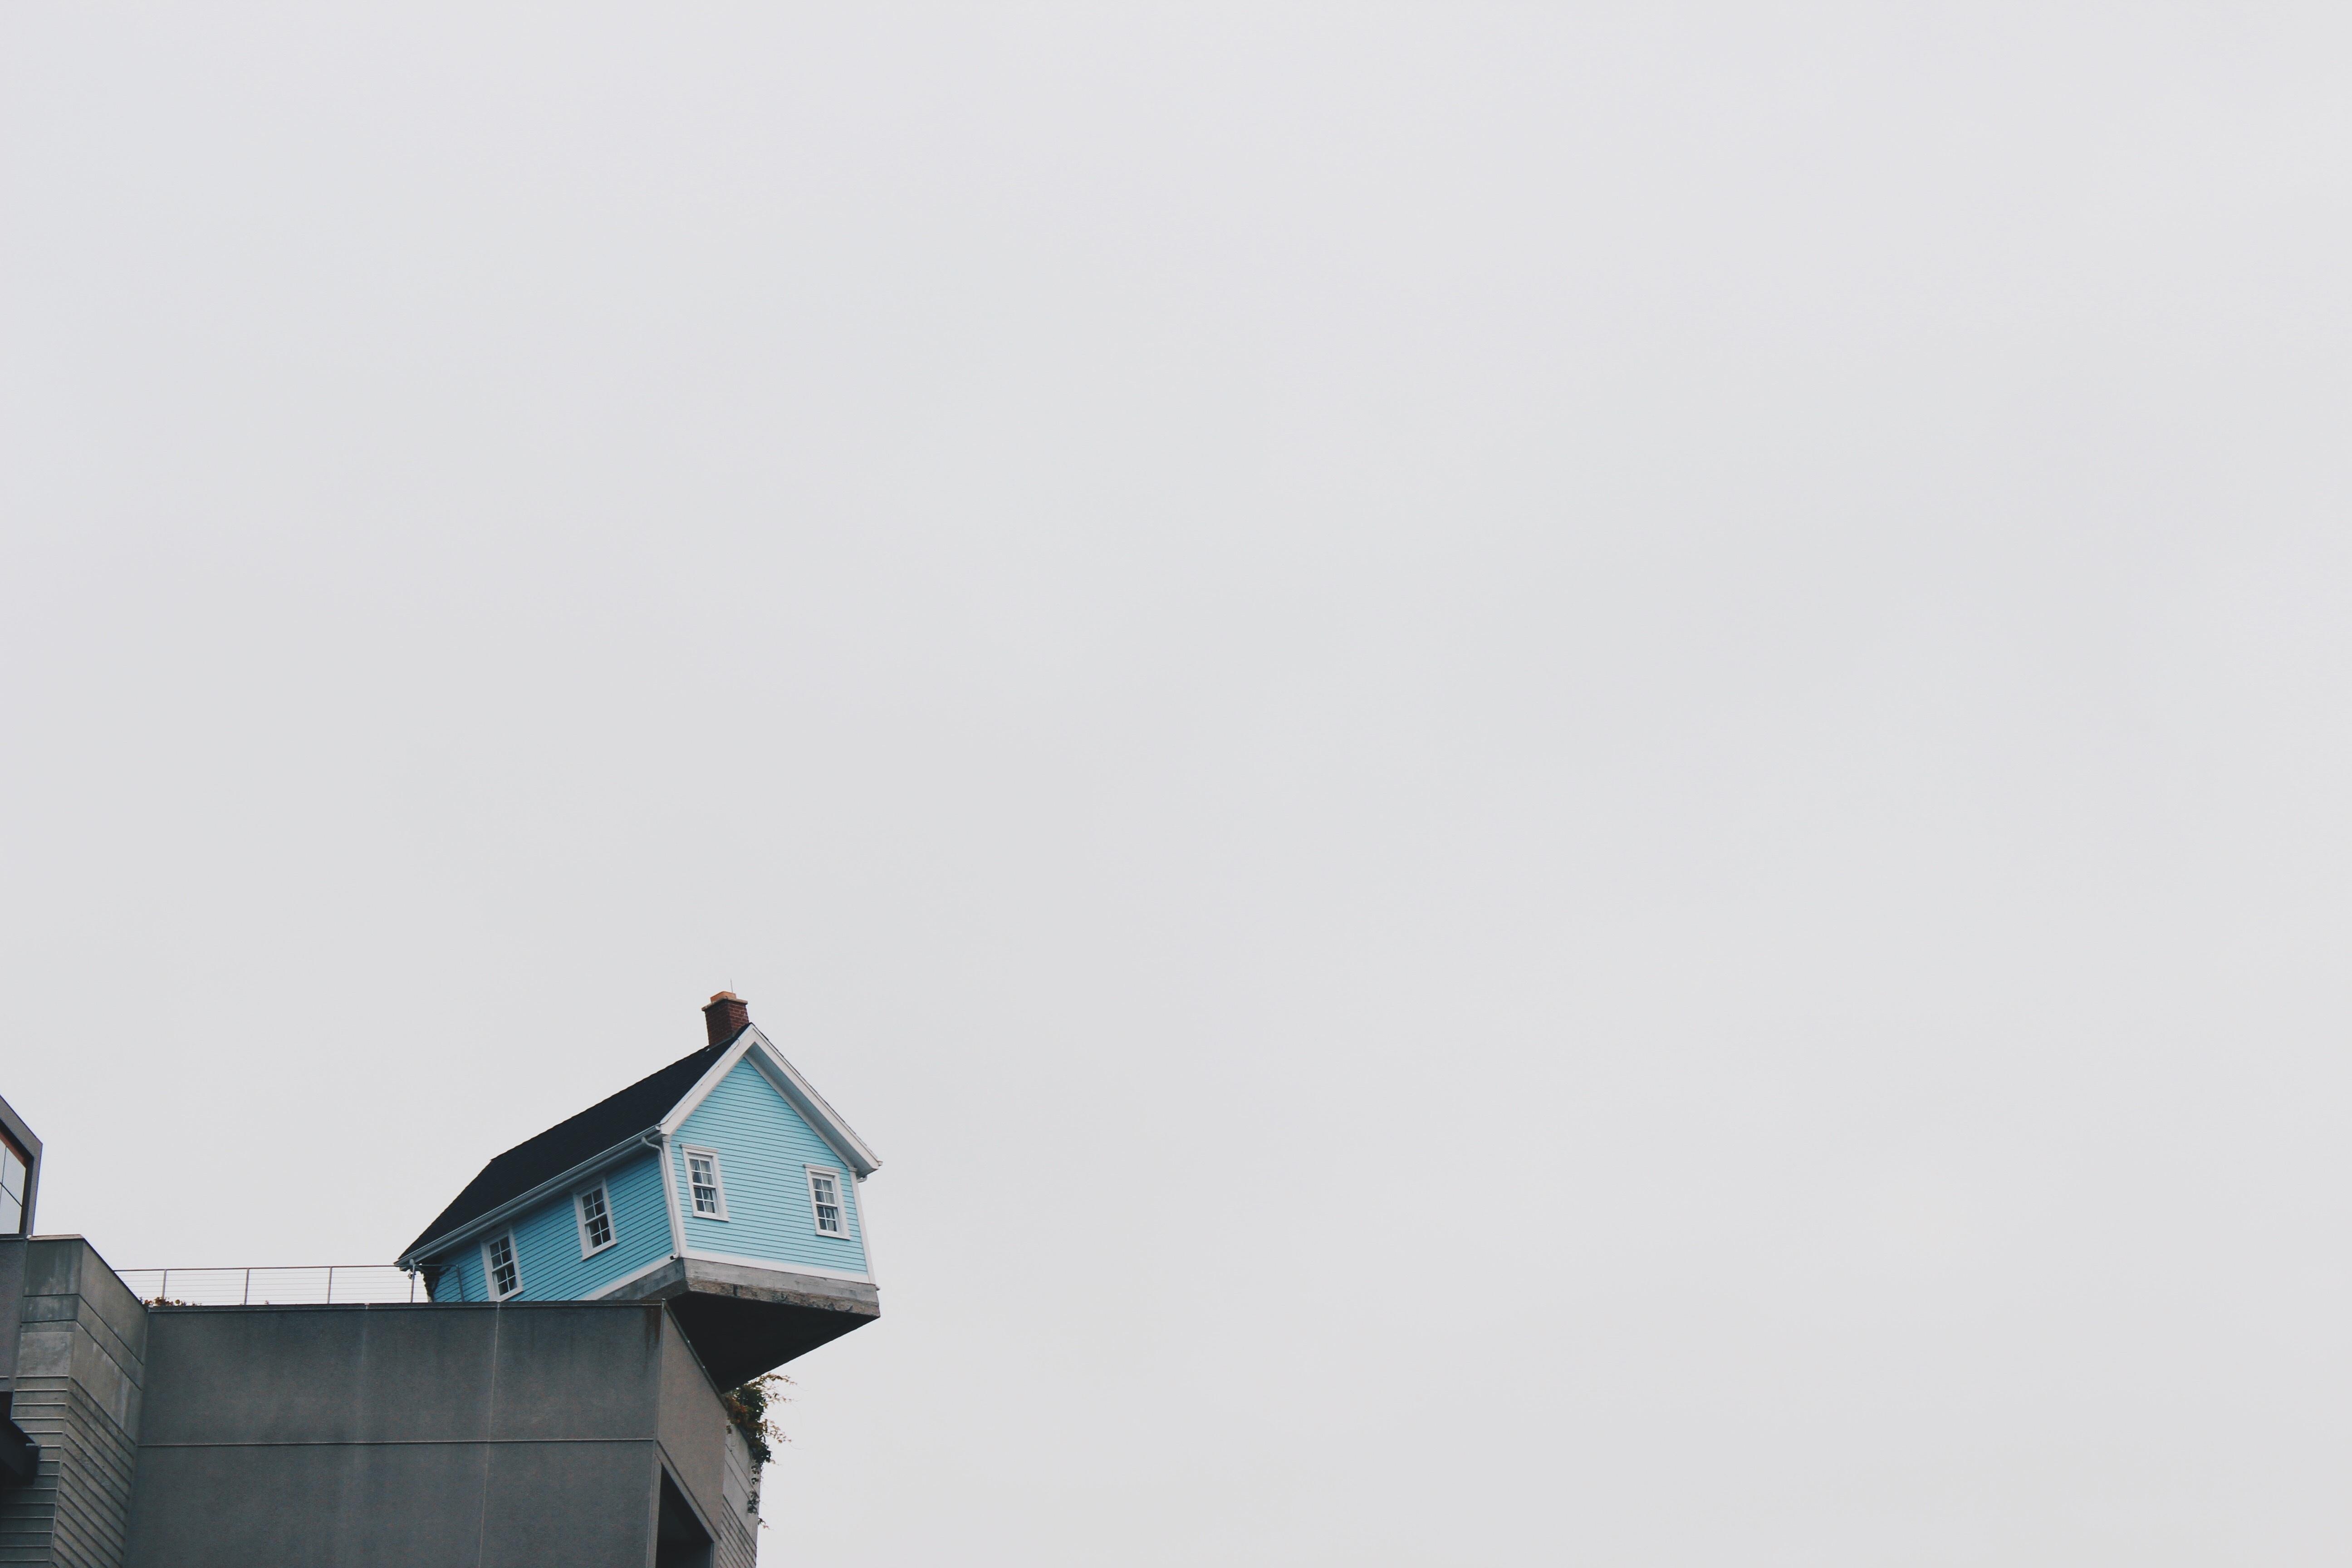 Slaapkamer Groen Wit : Gratis afbeeldingen hout mist wit huis stoel interieur